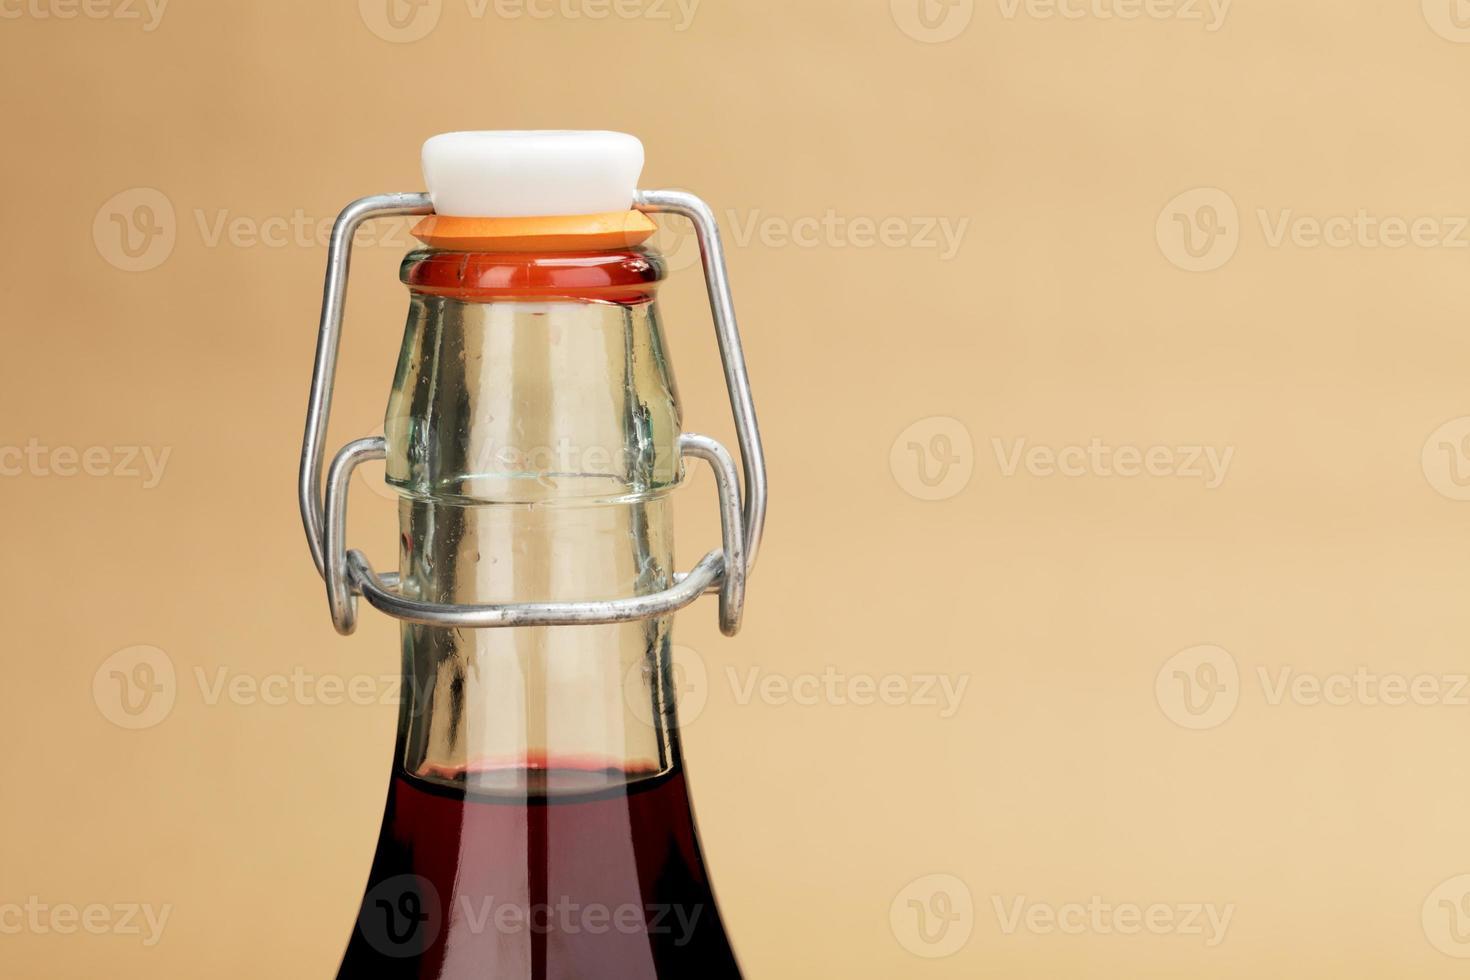 hausgemachter Rotwein in einer klassischen Flasche foto